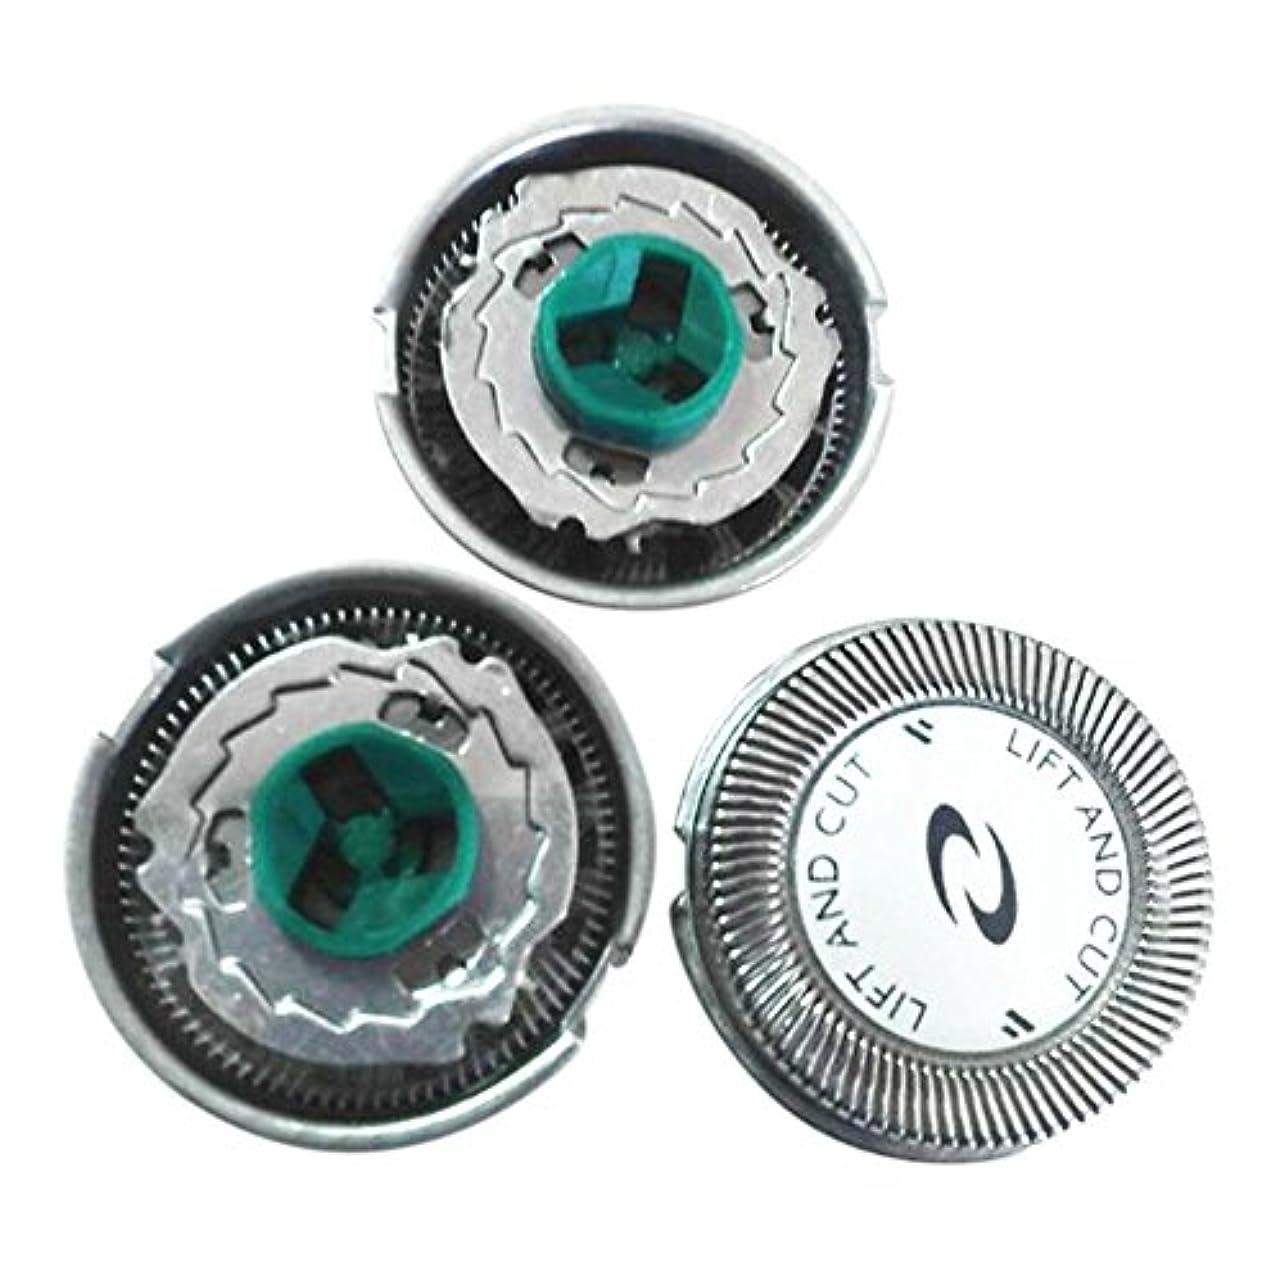 調停するラダ祖母HZjundasi 3x Replacement シェーバーヘッドフォイル+Cutters for Philip HQ6070 7310XL PT726/720